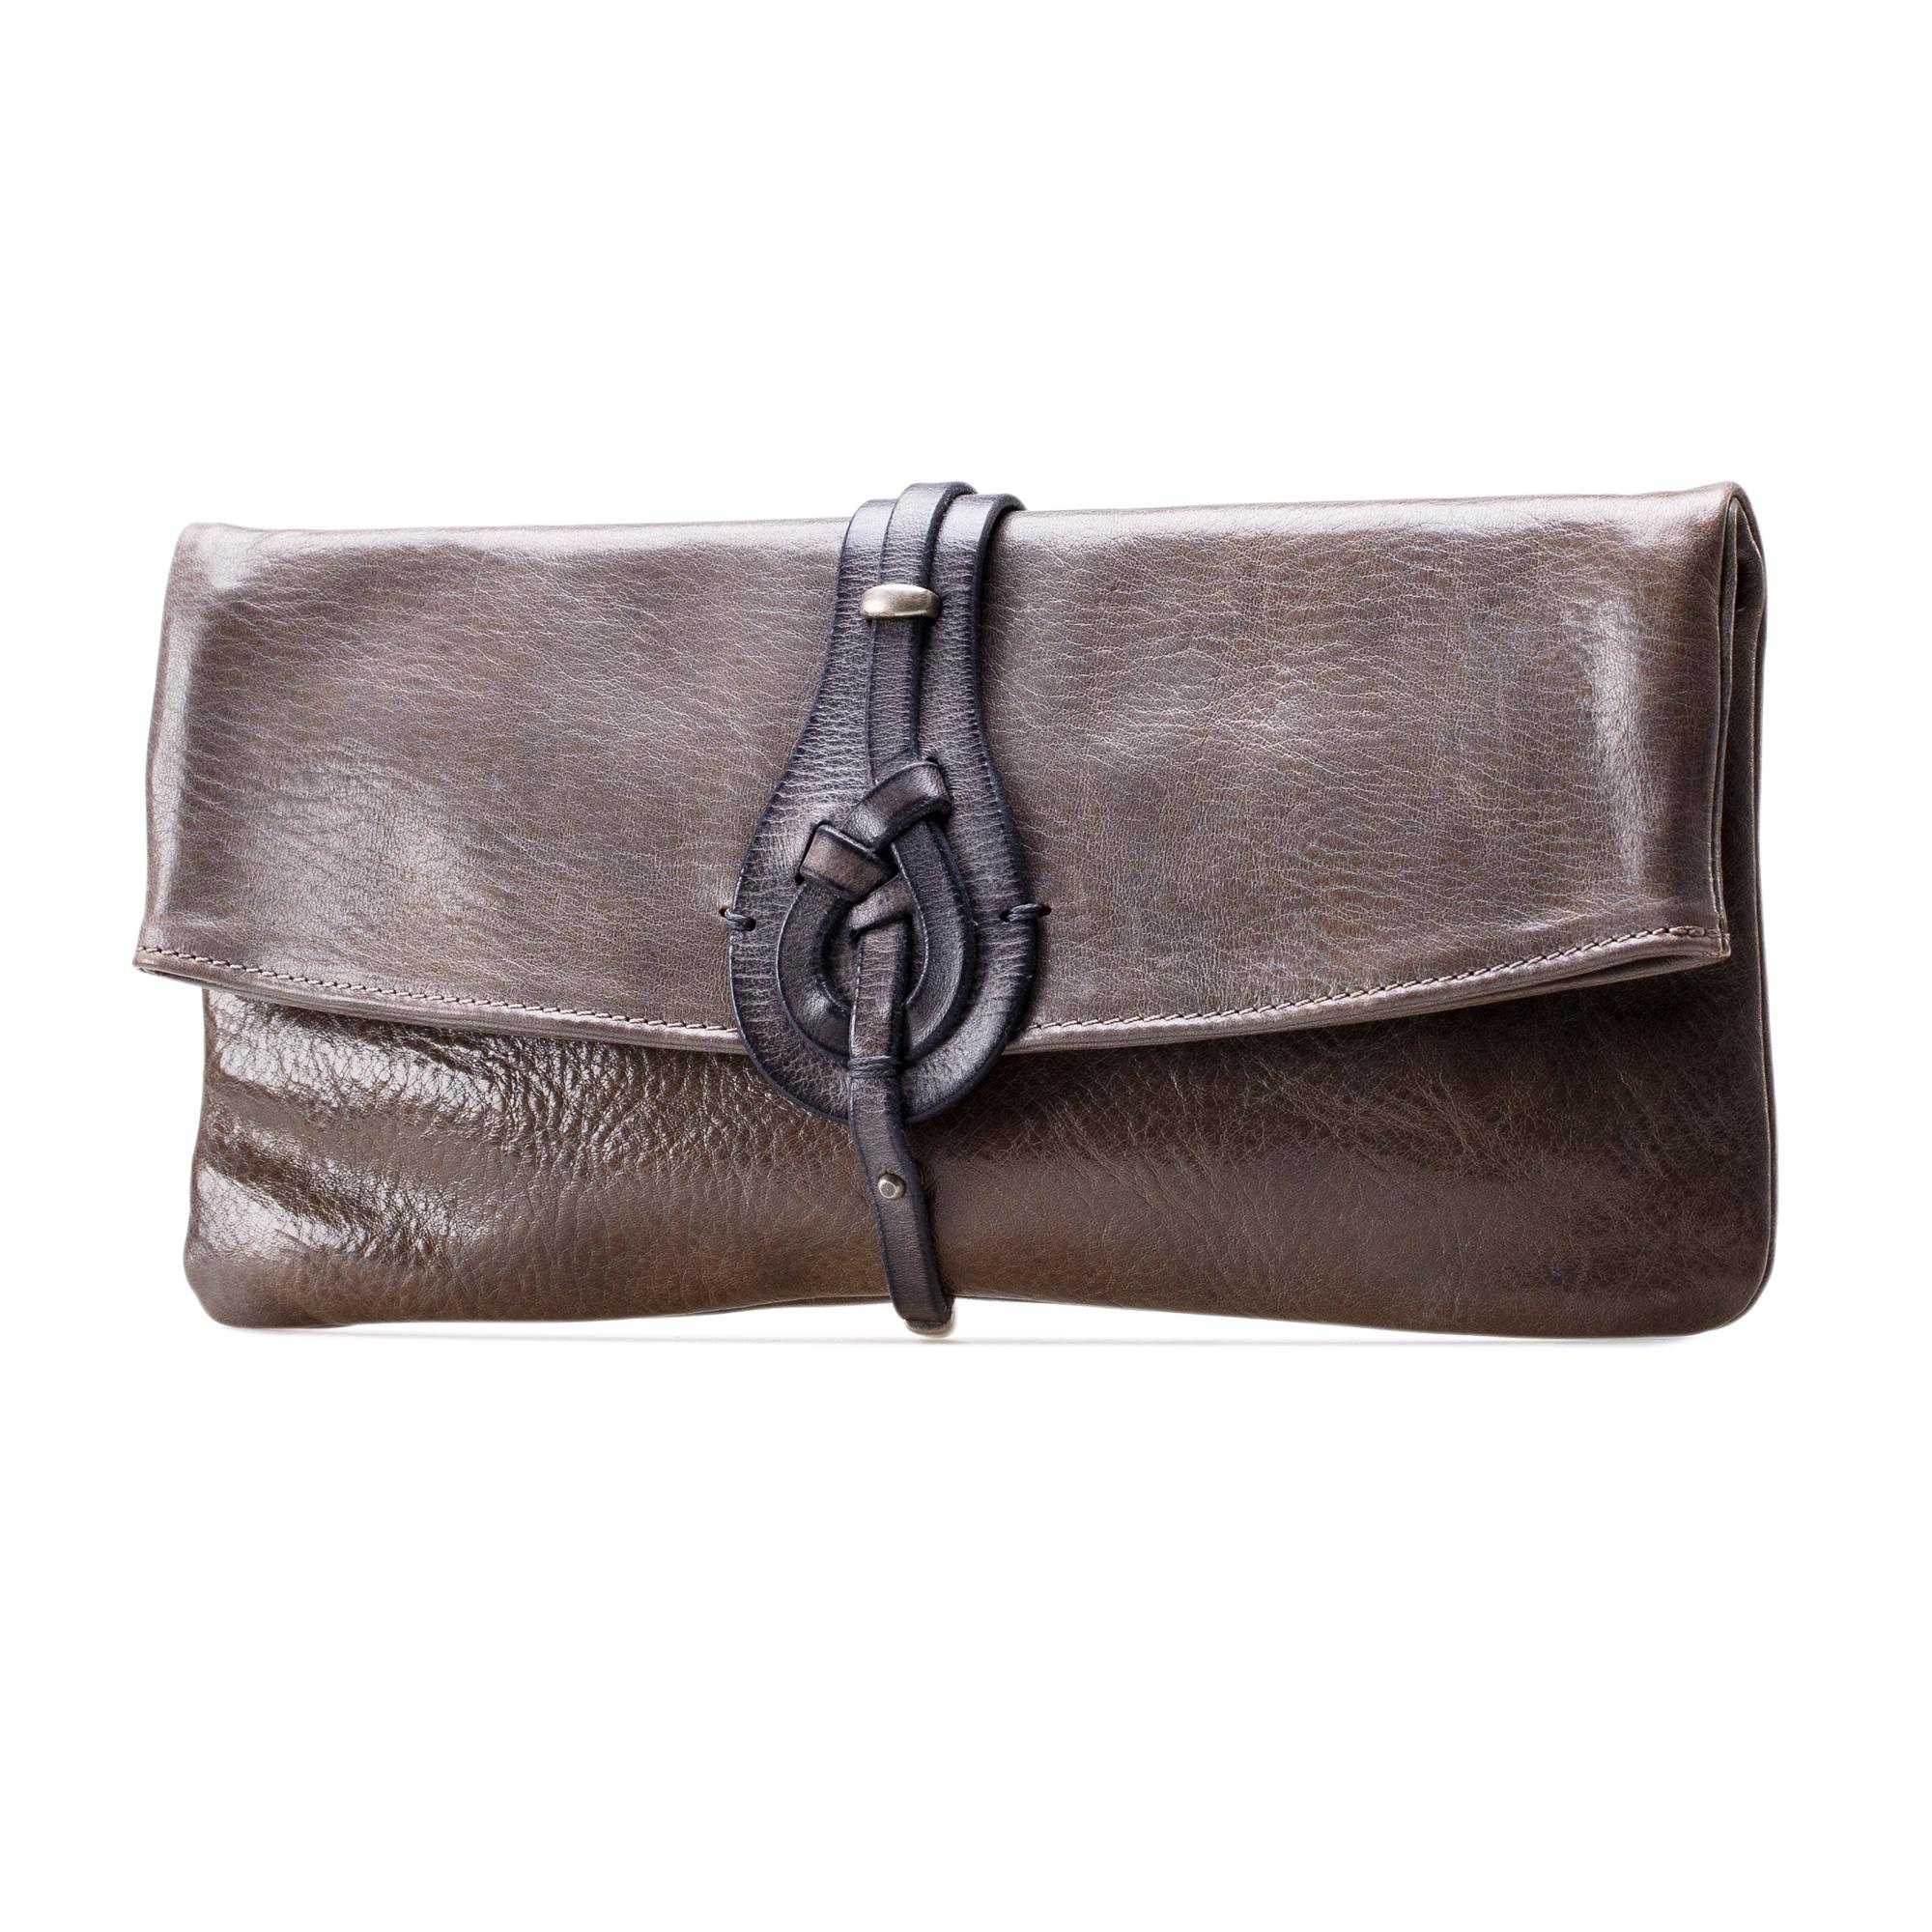 意大利原产Martinica金属背带女包 女式手拿皮包6060-PMT grey